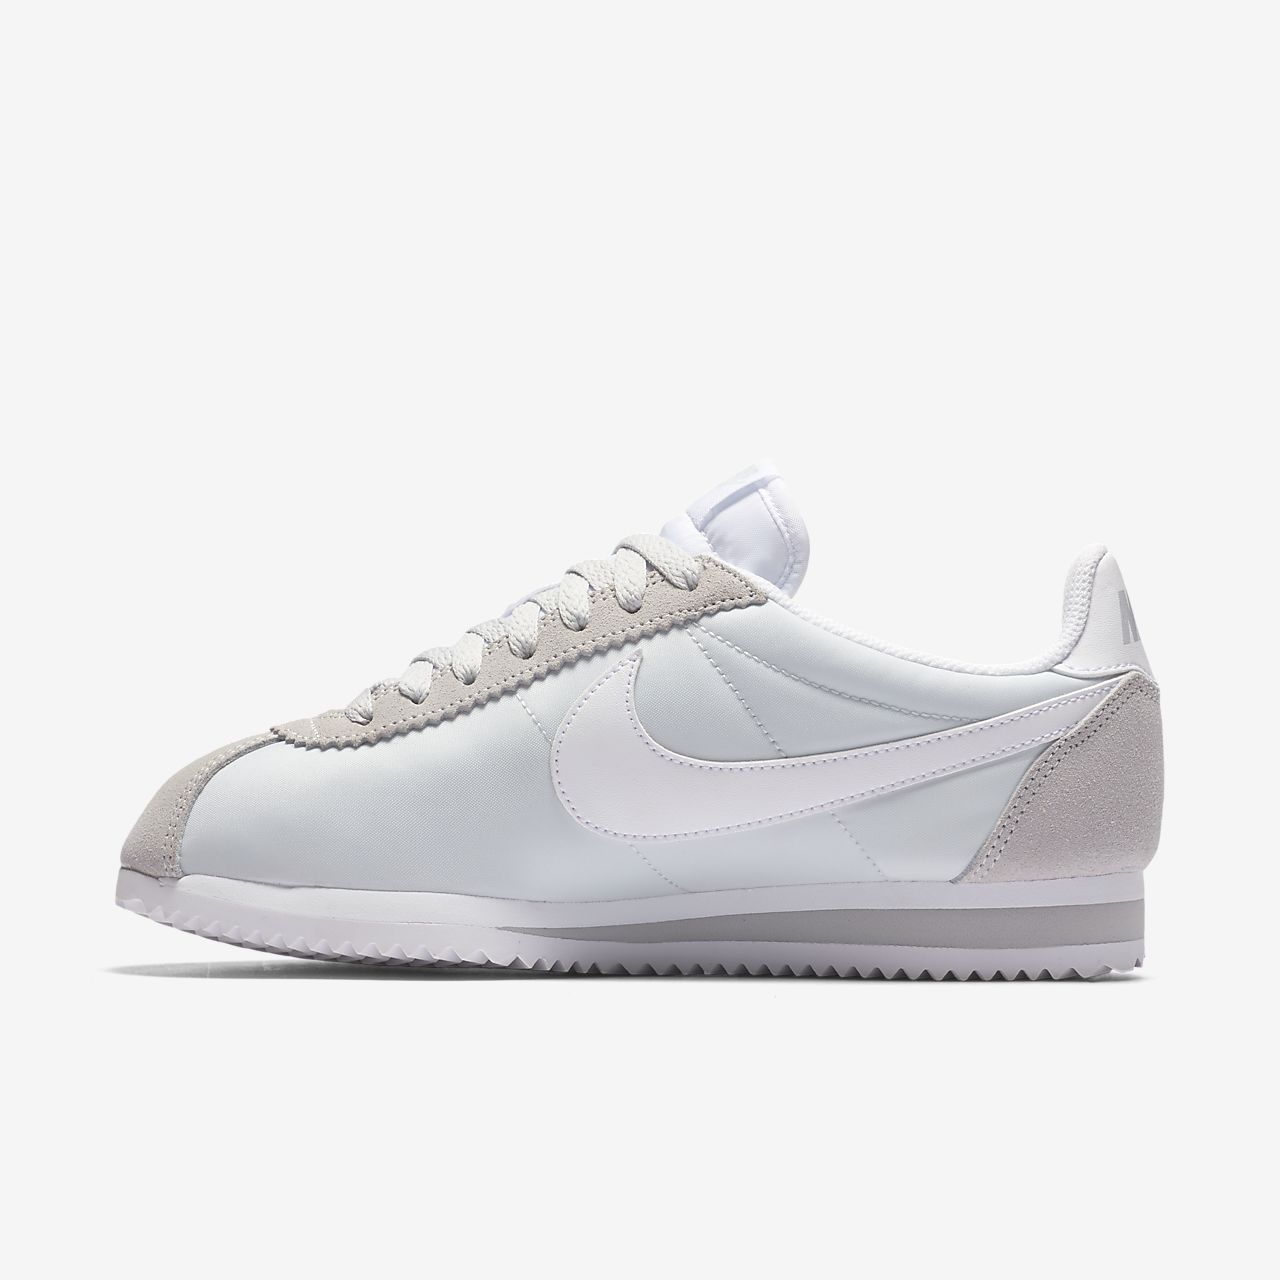 newest 975c3 2e992 ... low price gris nike cortez chaussures 405 pour les femmes 6z99c  apprehension be29f 0ba45